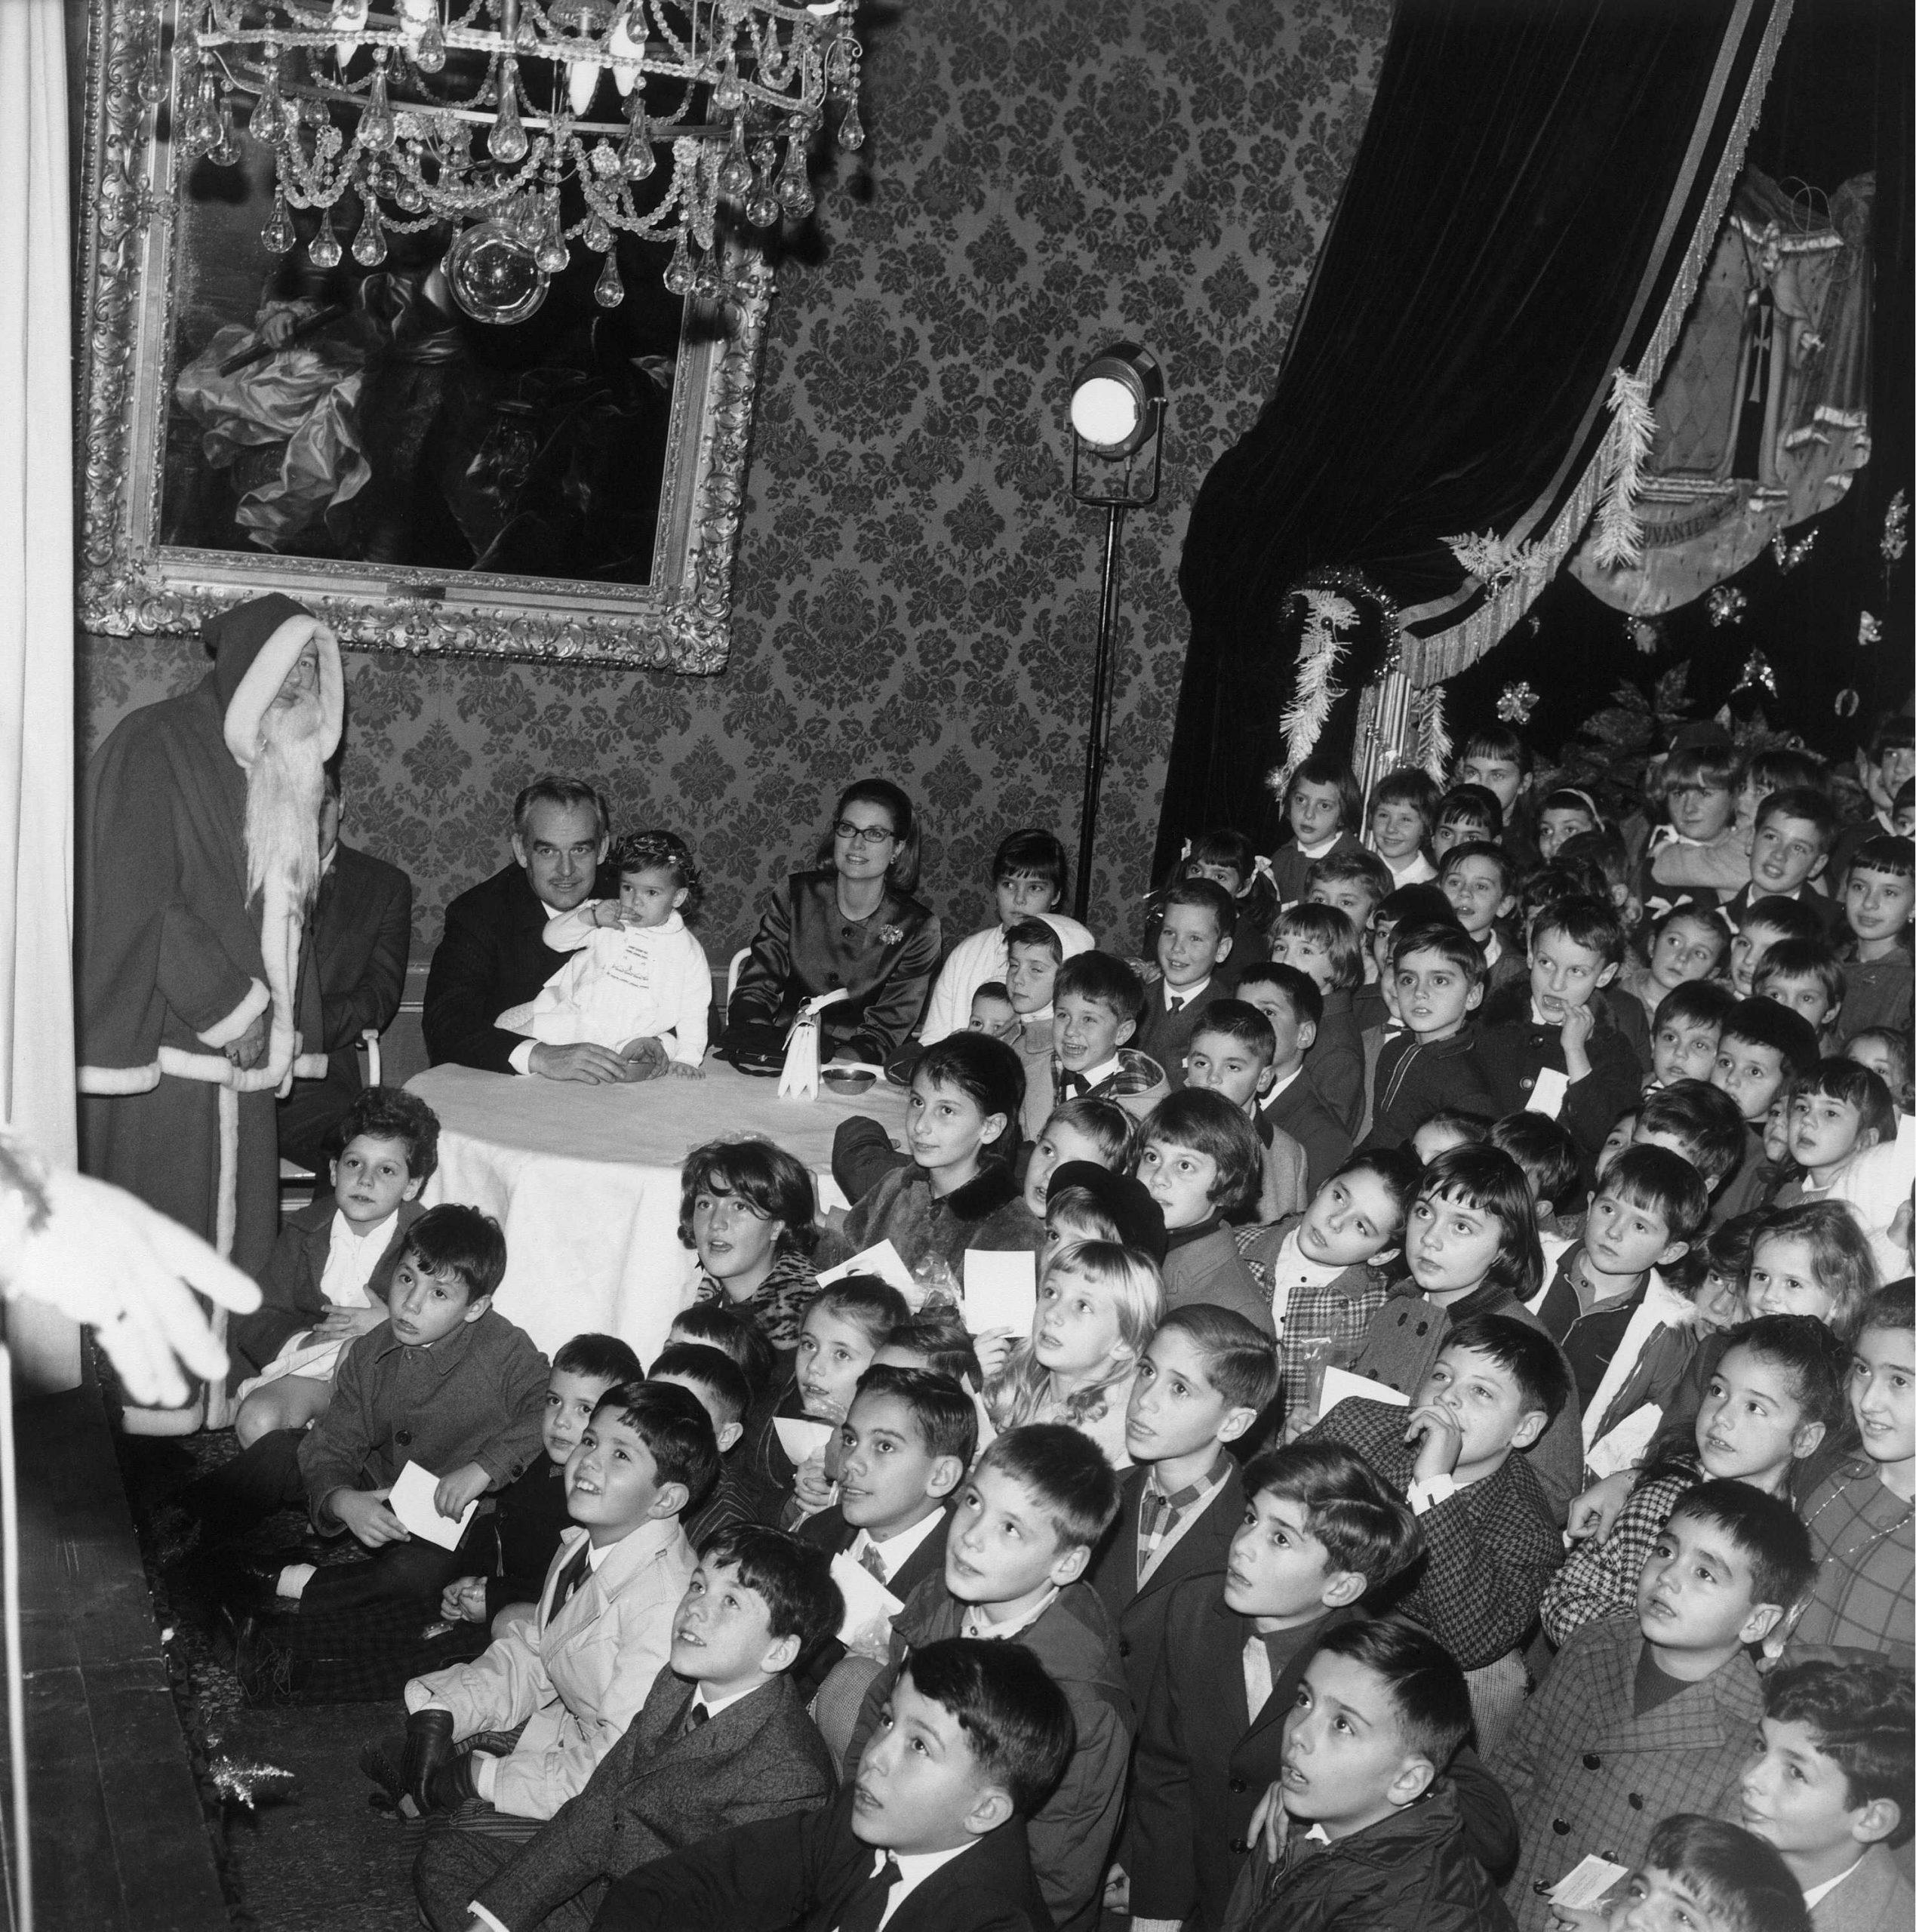 Cientos de niños celebraron la Navidad de 1966 en el Palacio Grimaldi.